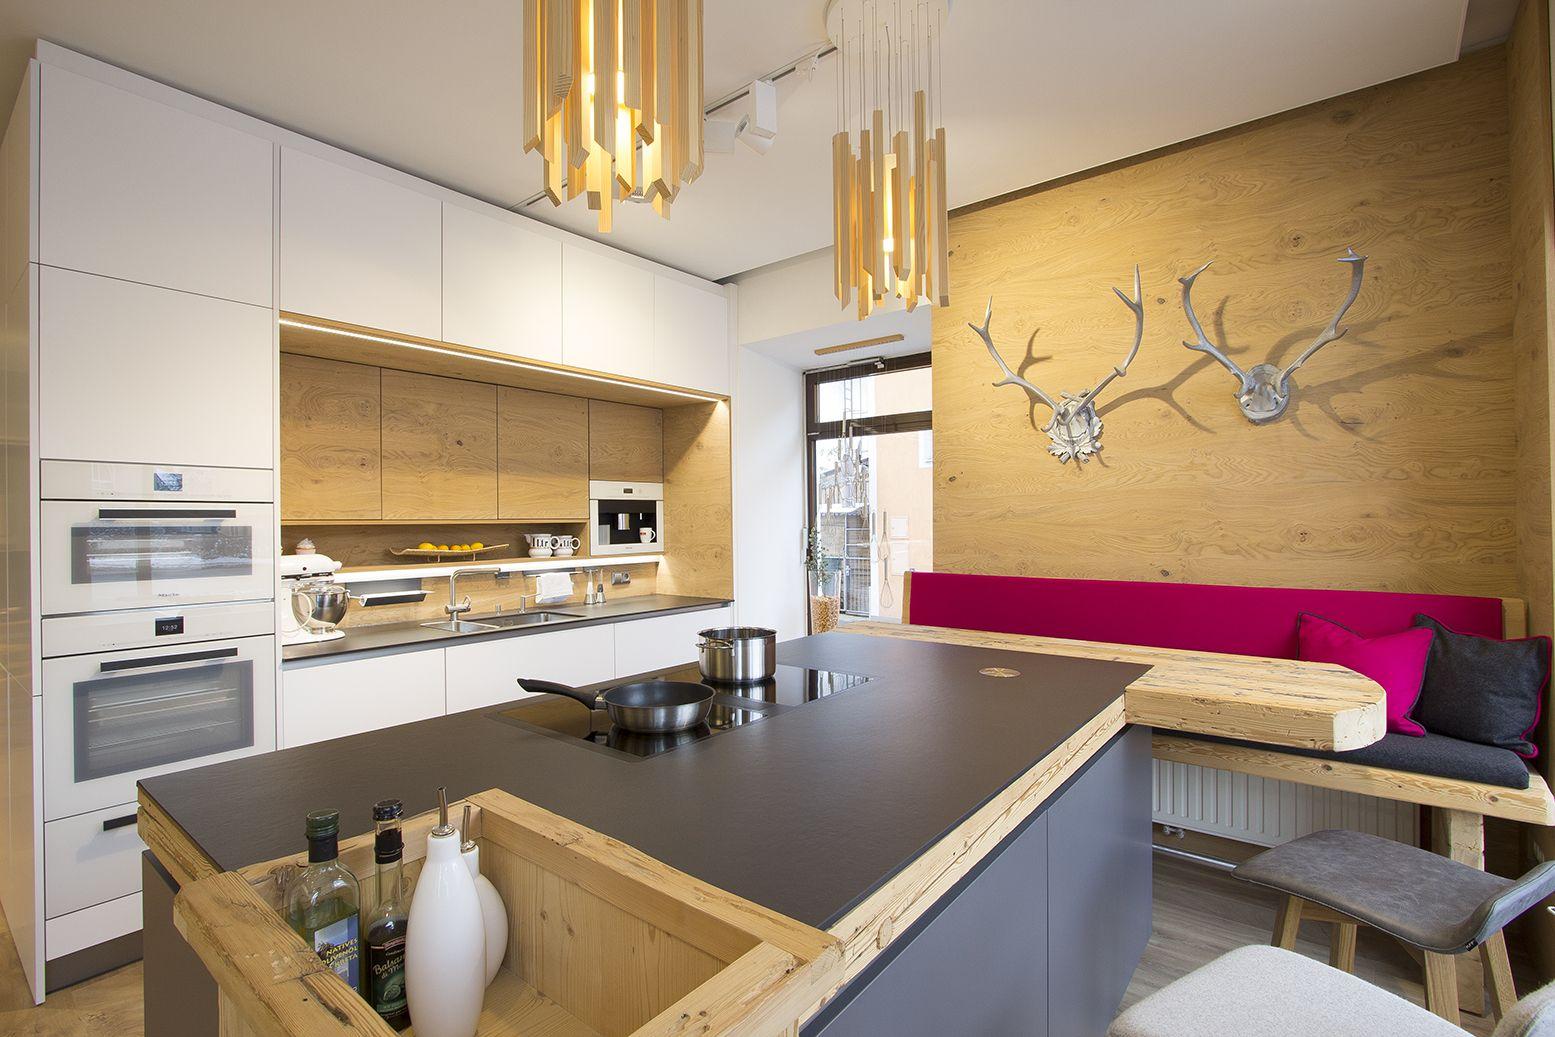 kochinsel in anthrazit kombiniert mit wei keramikarbeitsplatte sitzbank mit altholz und. Black Bedroom Furniture Sets. Home Design Ideas